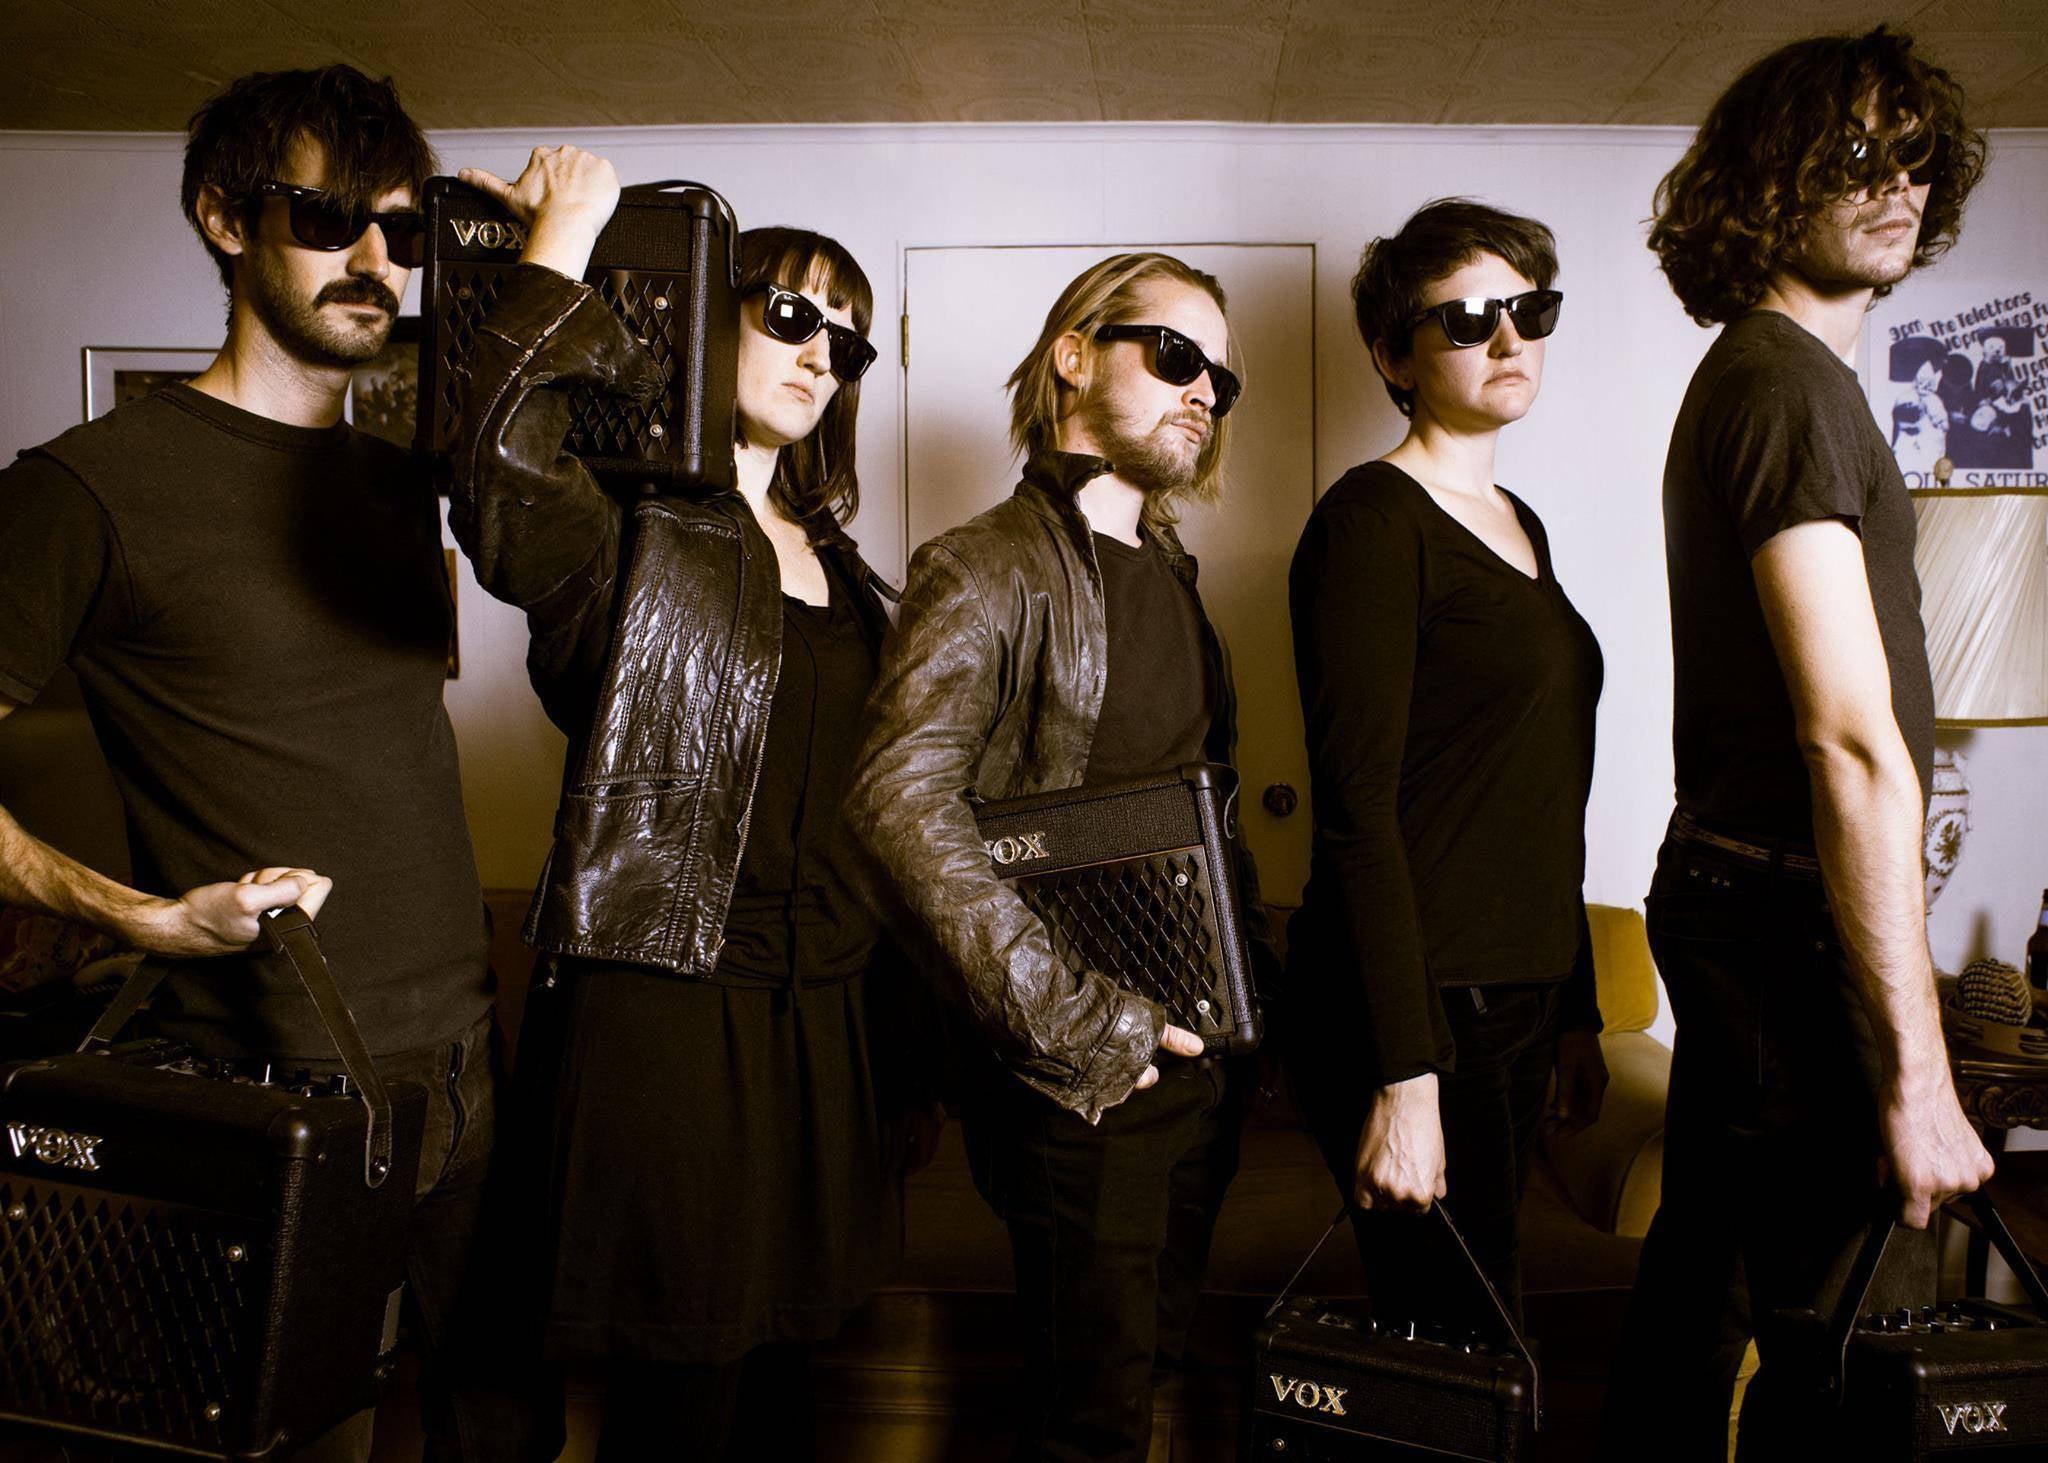 macaulay culkin band 2016